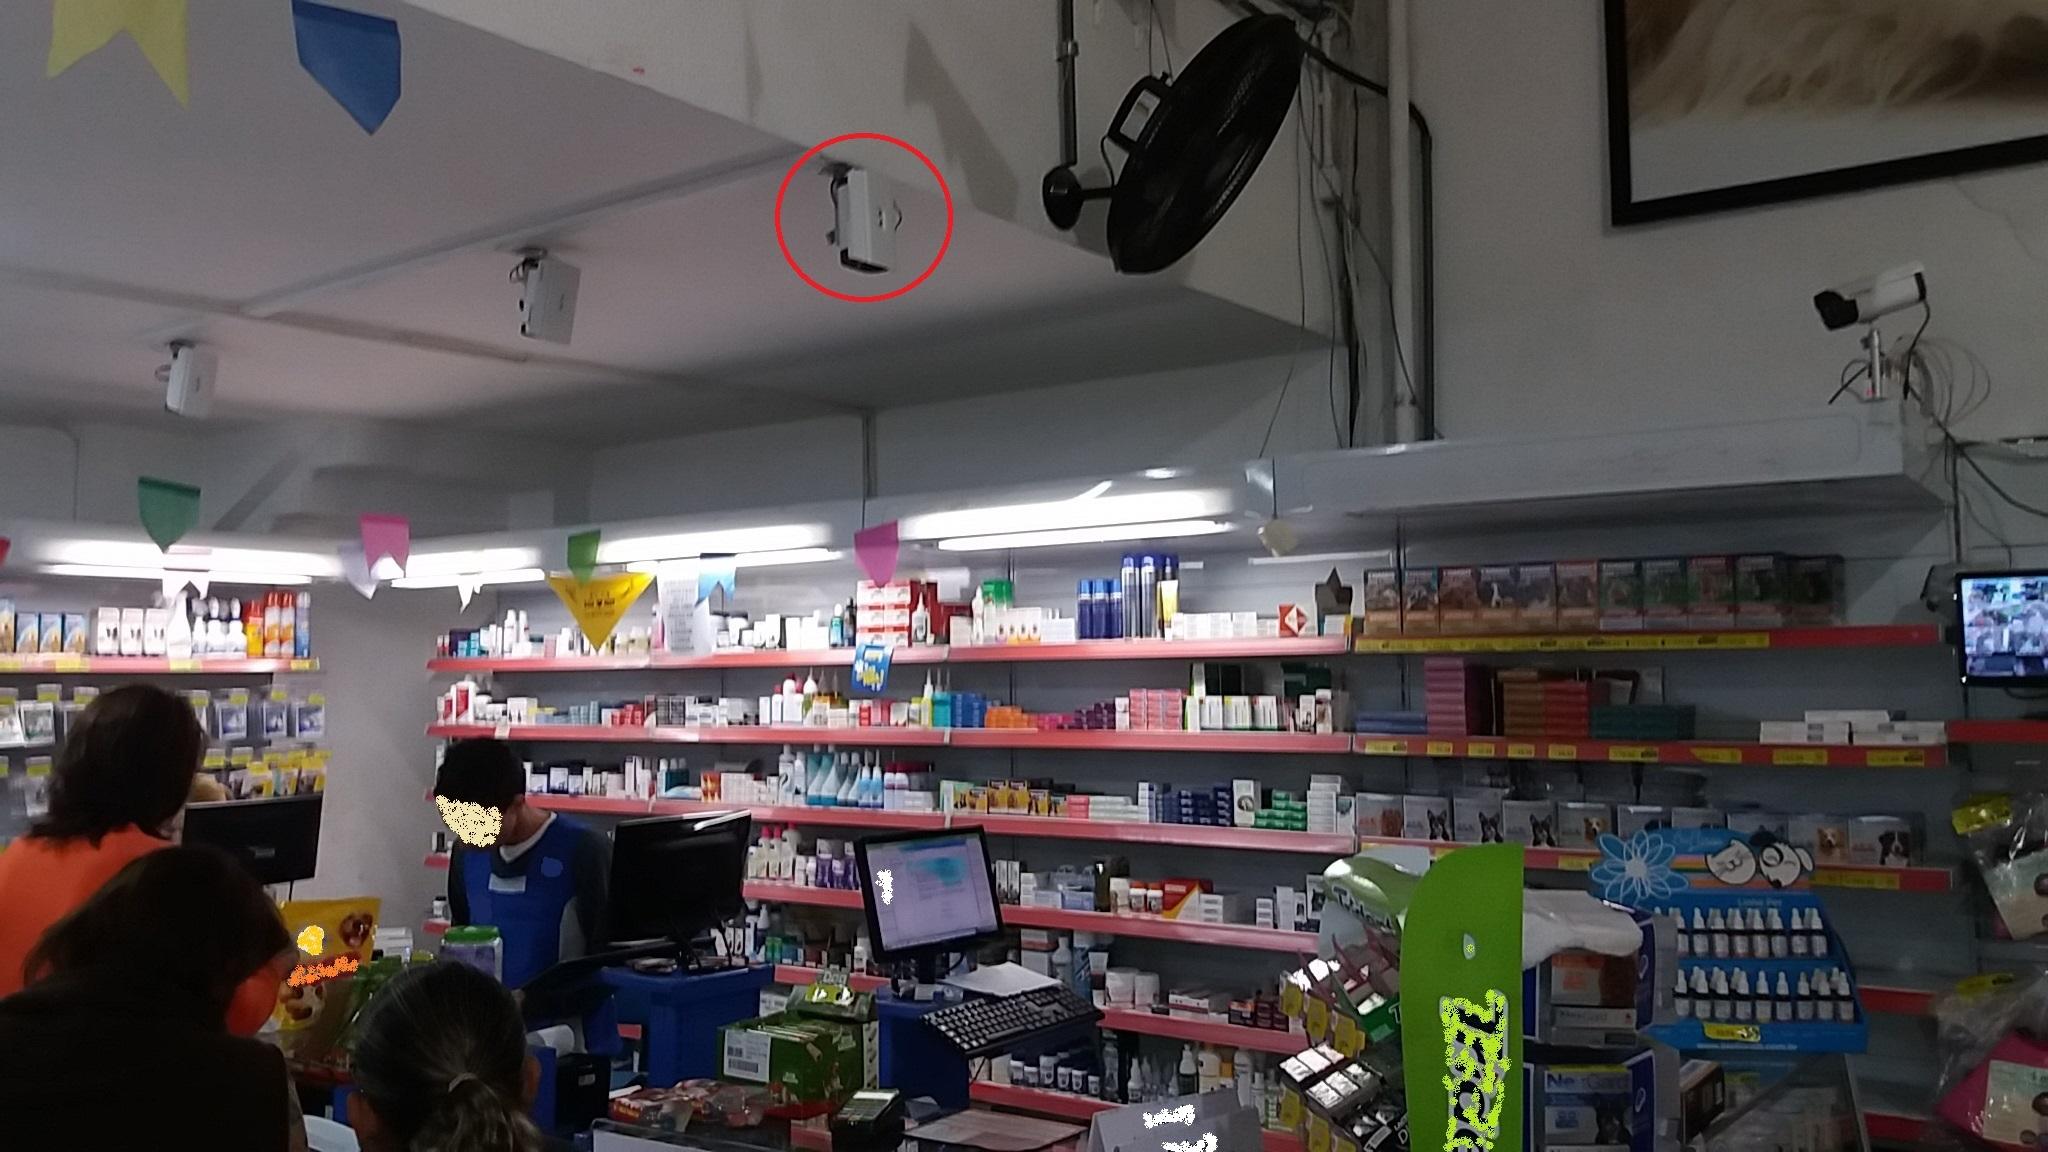 instalador de câmeras de segurança